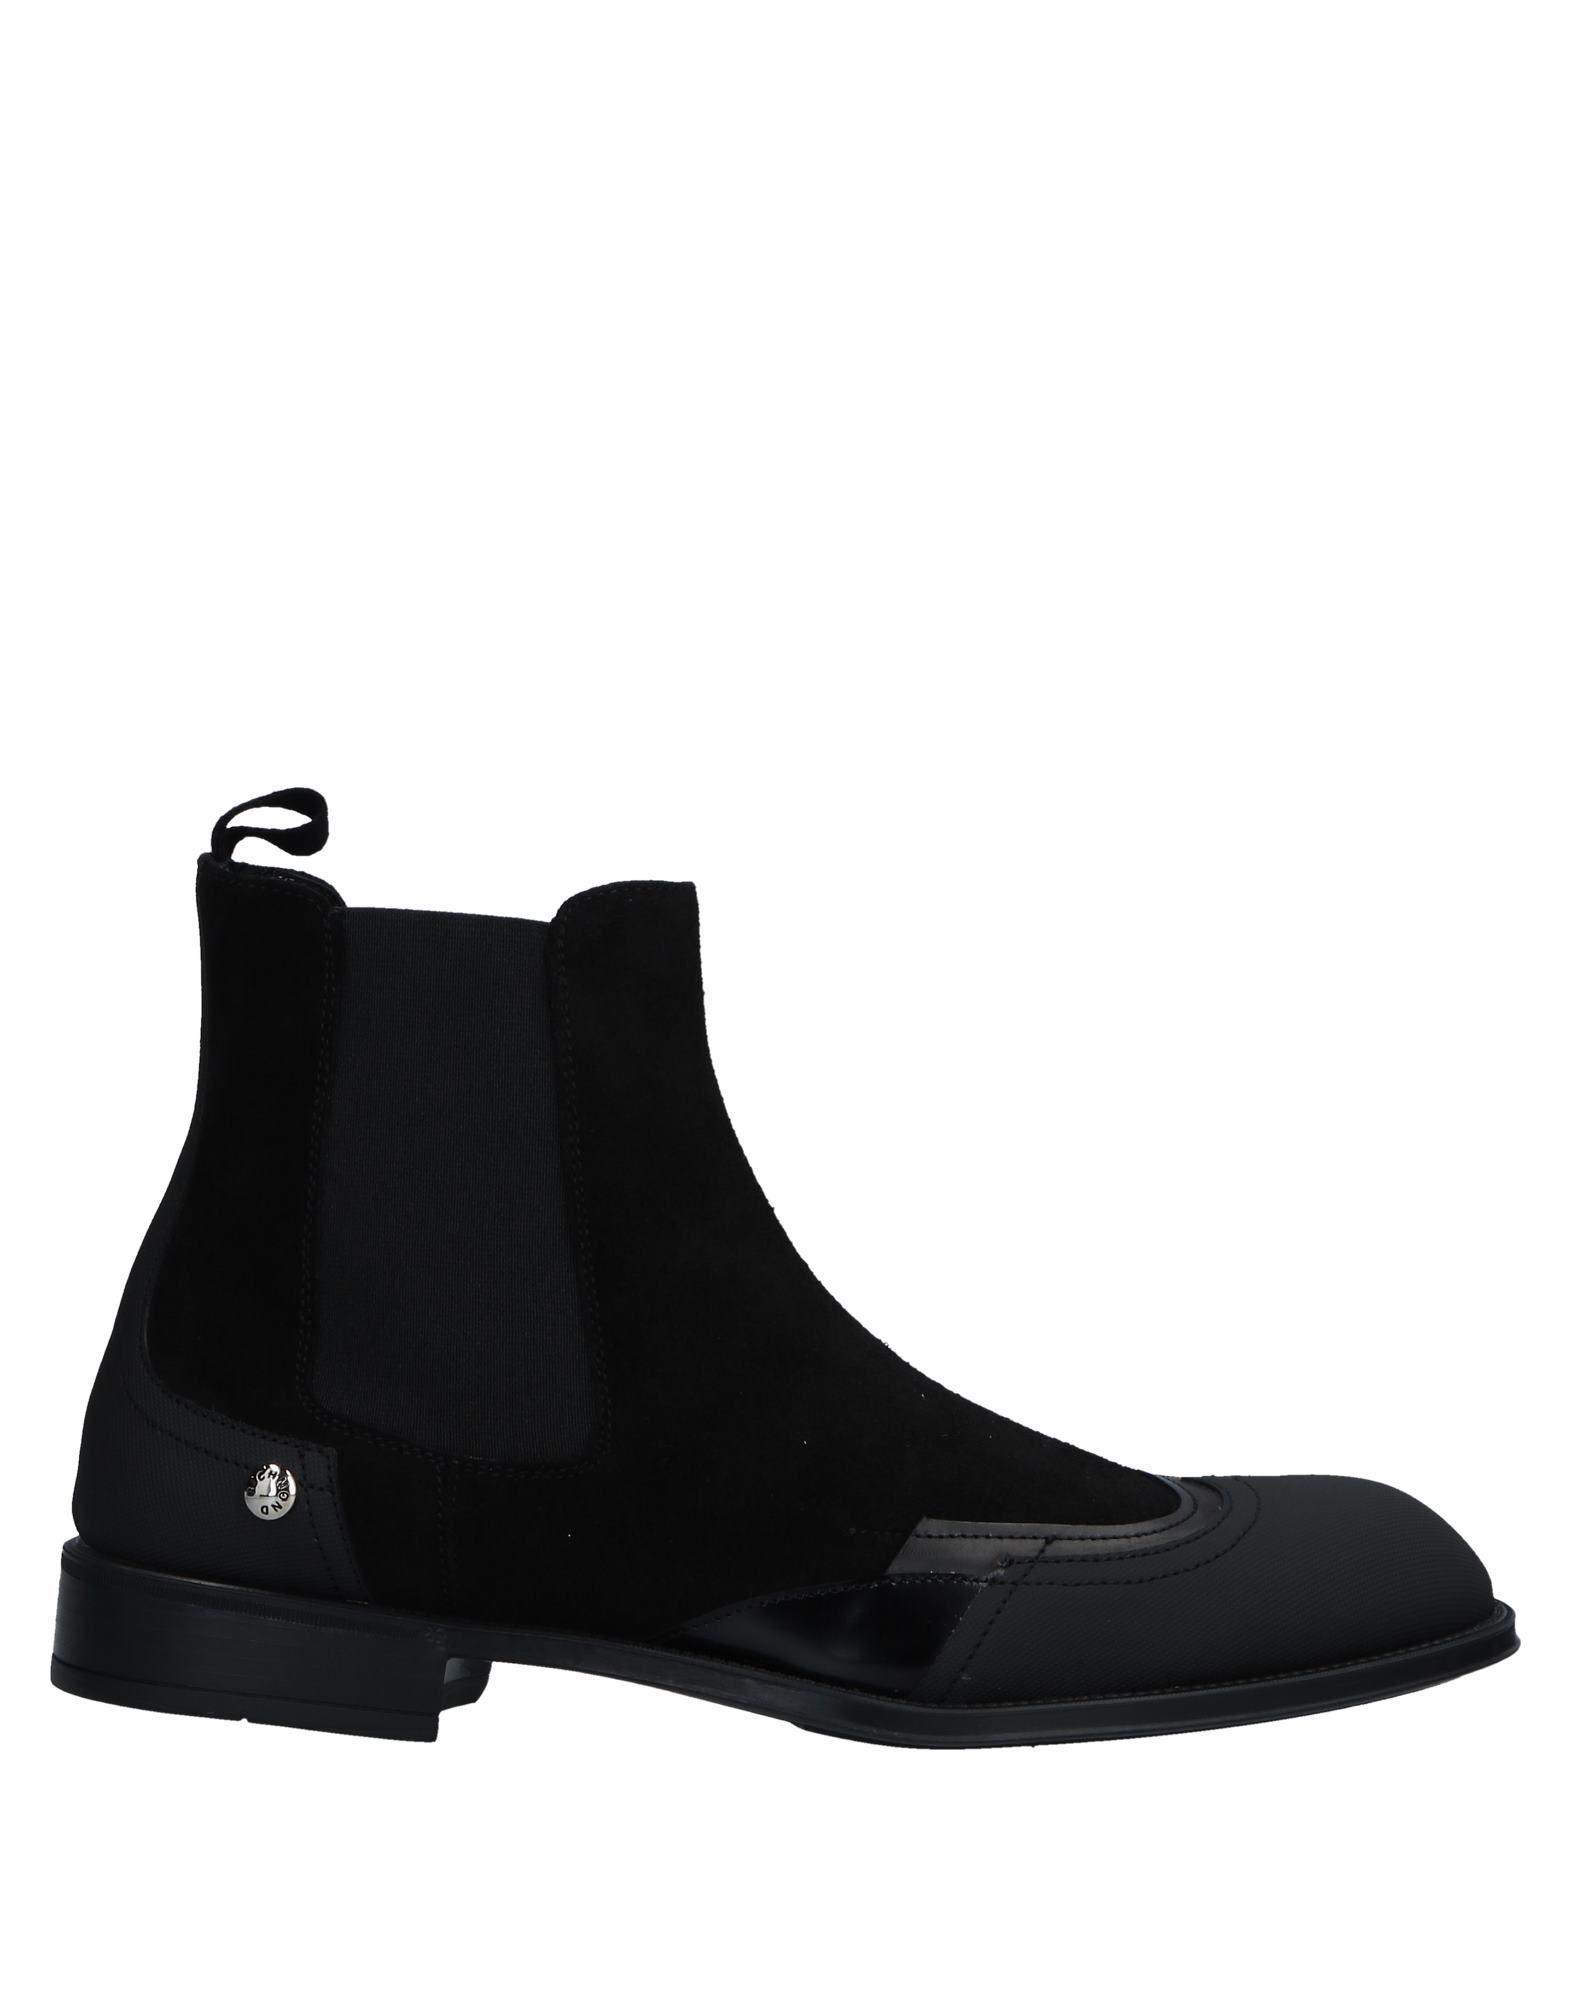 Richmond Stiefelette Gute Herren  11515220CG Gute Stiefelette Qualität beliebte Schuhe 2a124b